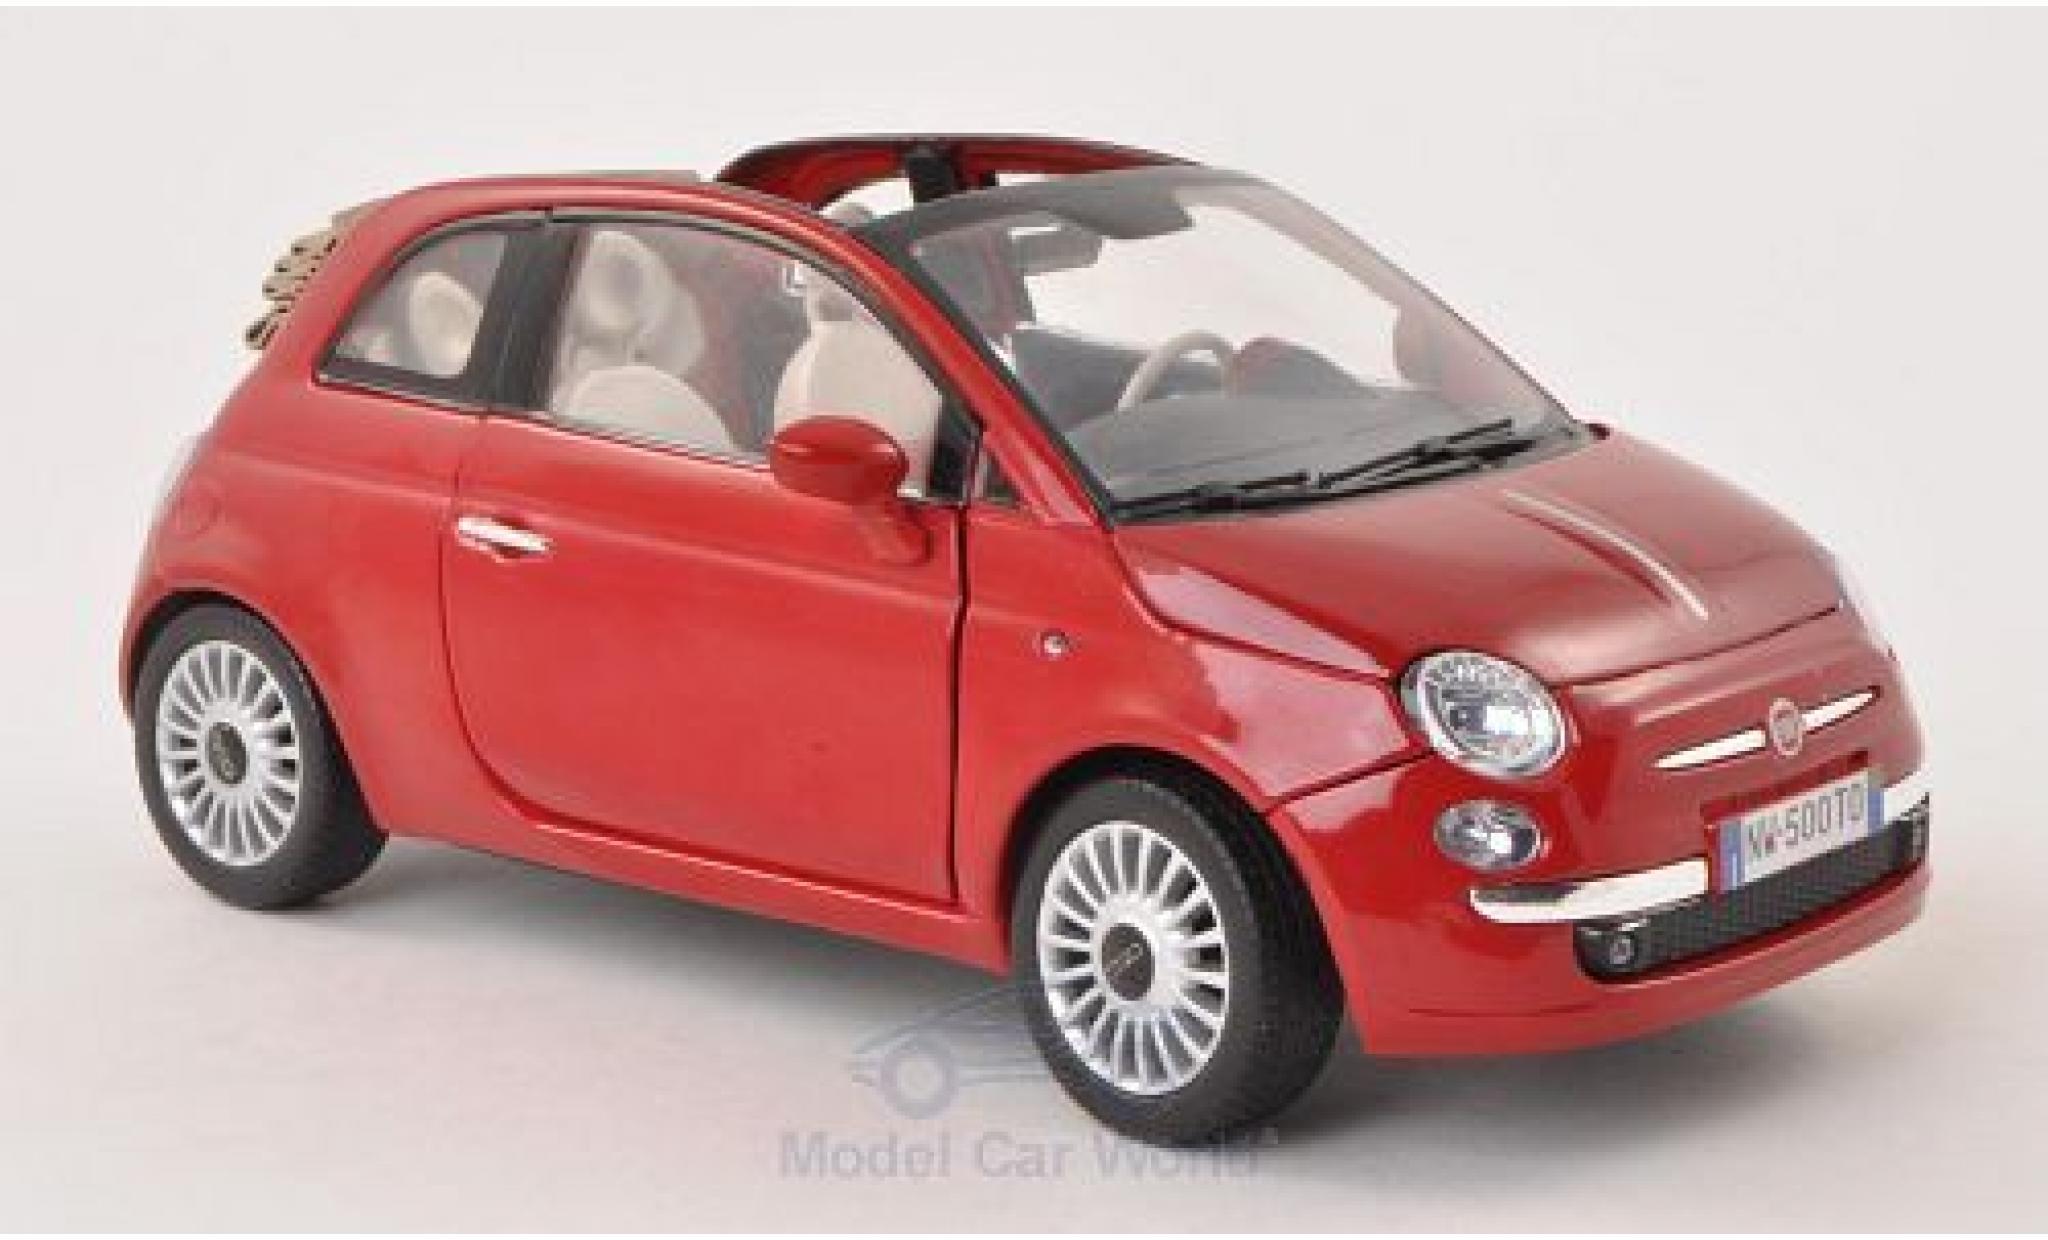 Fiat 500 1/18 Motormax Cabrio red